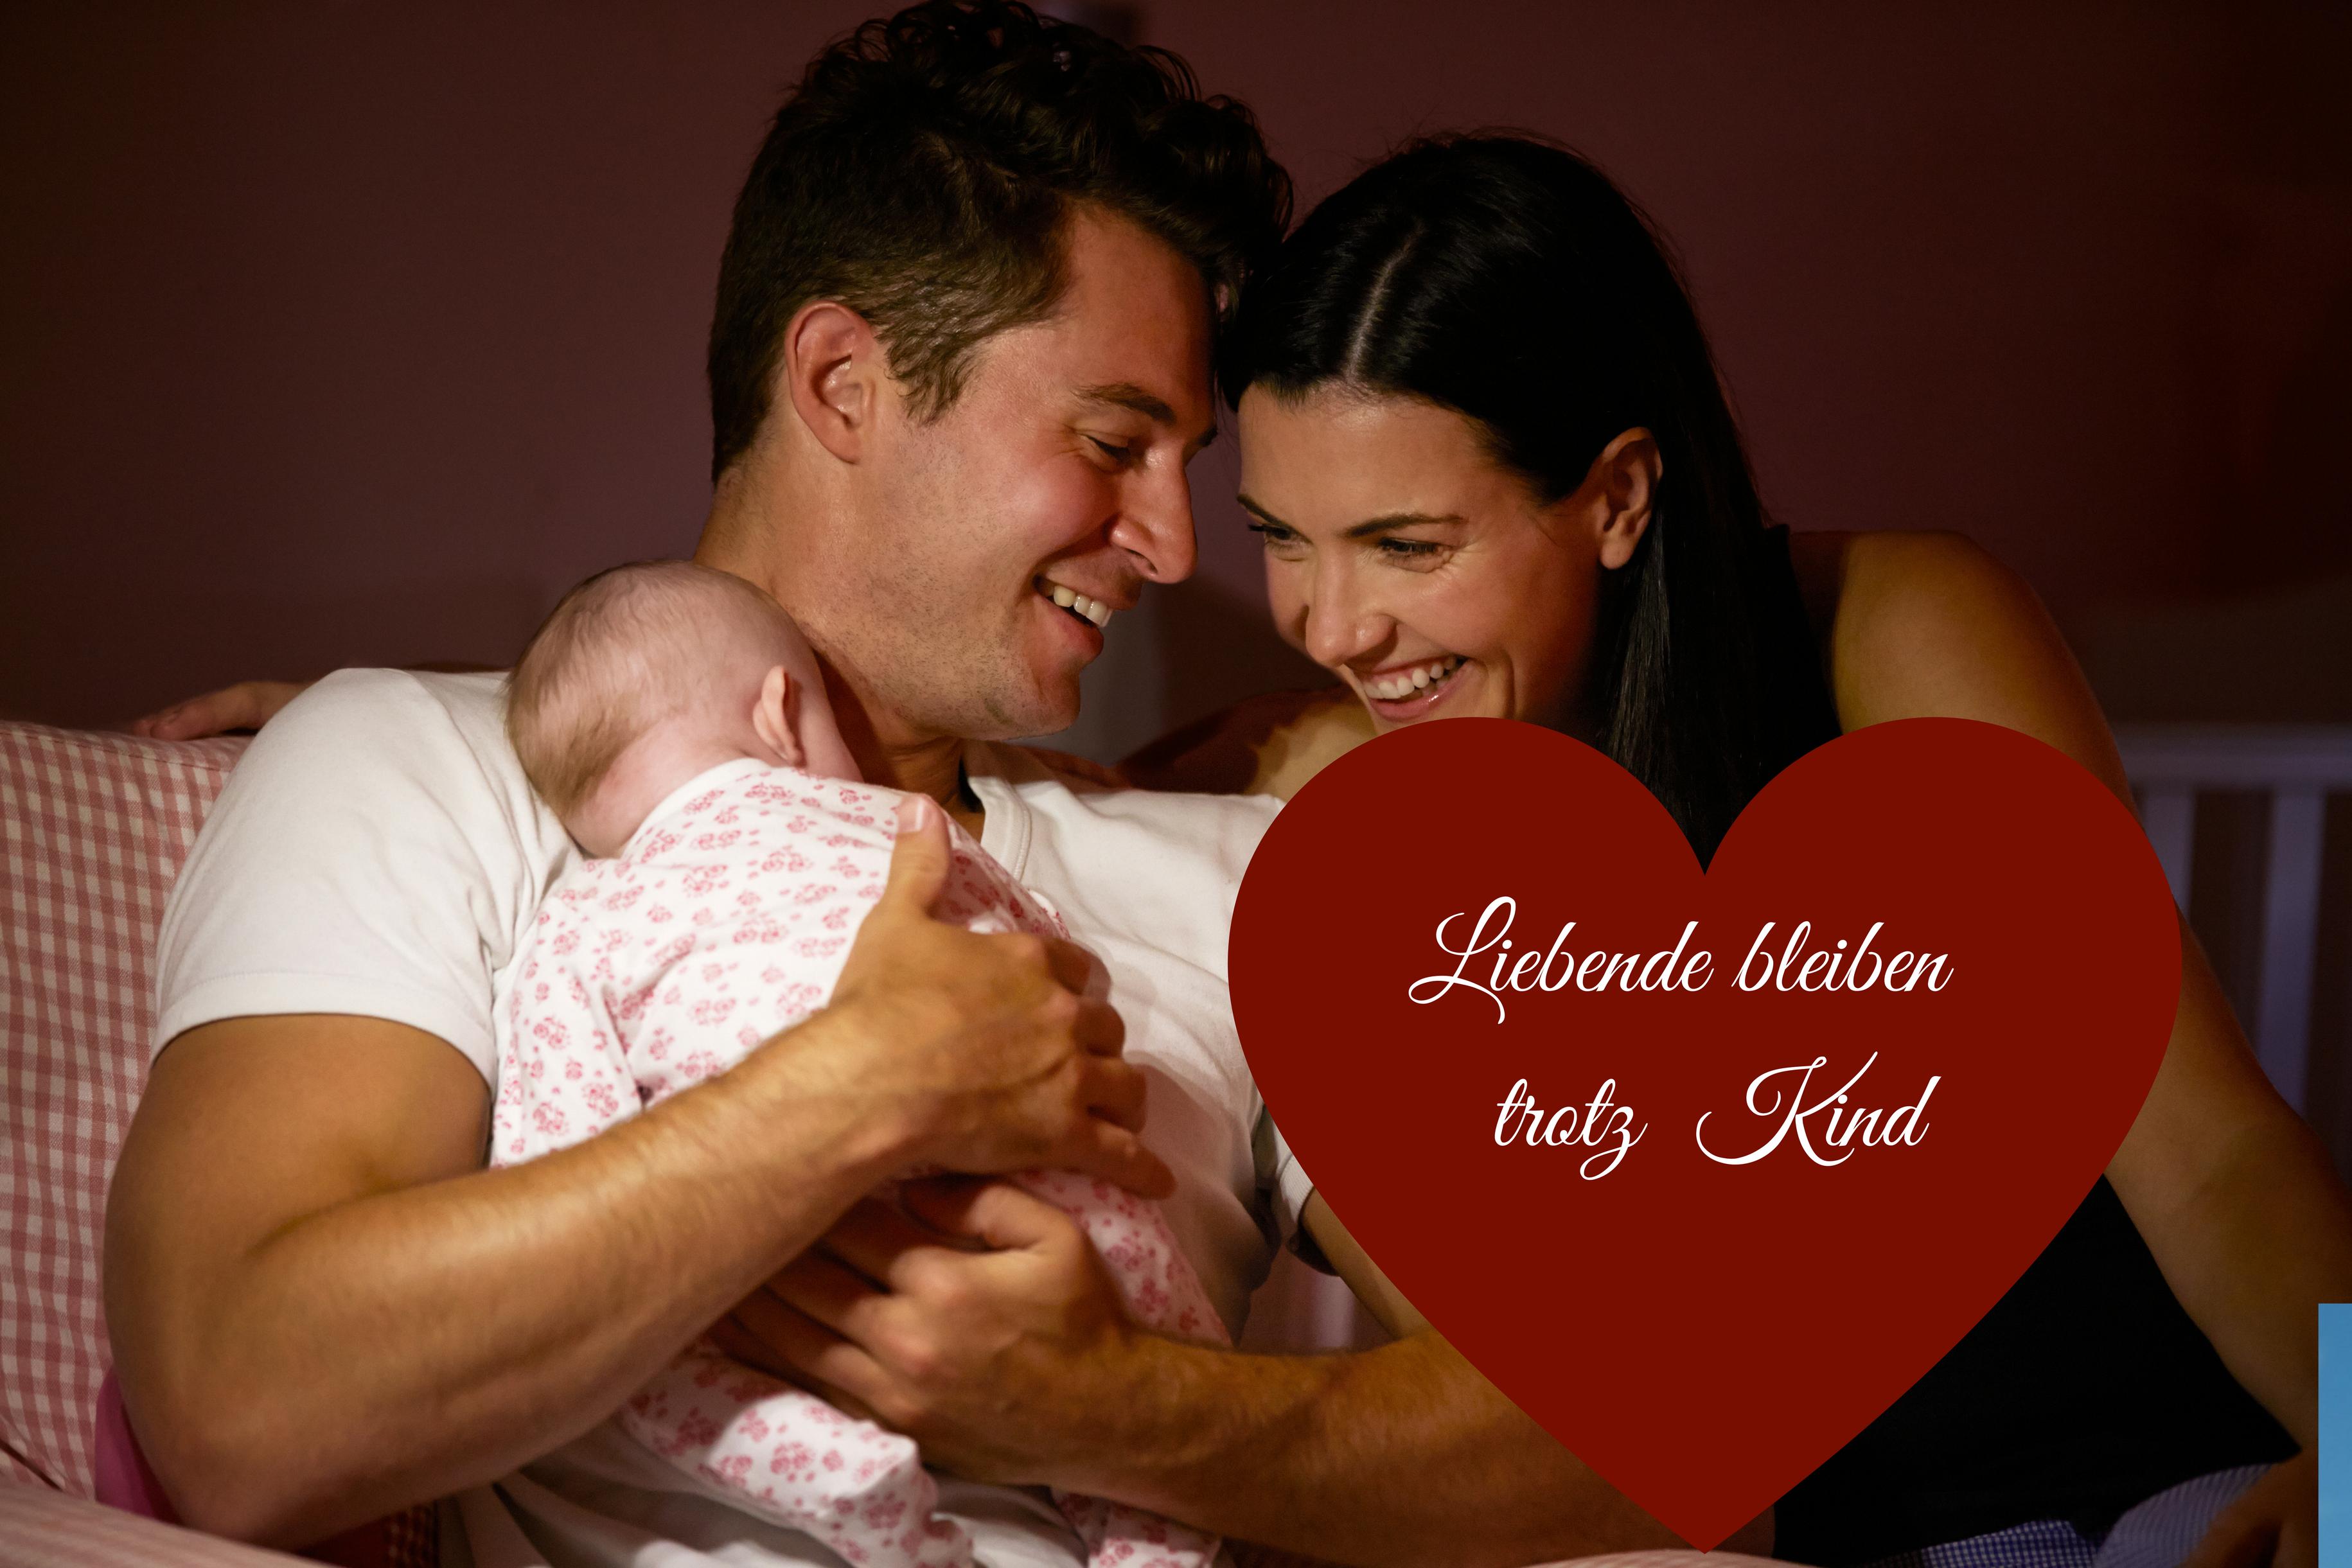 Liebende bleiben trotz Kind